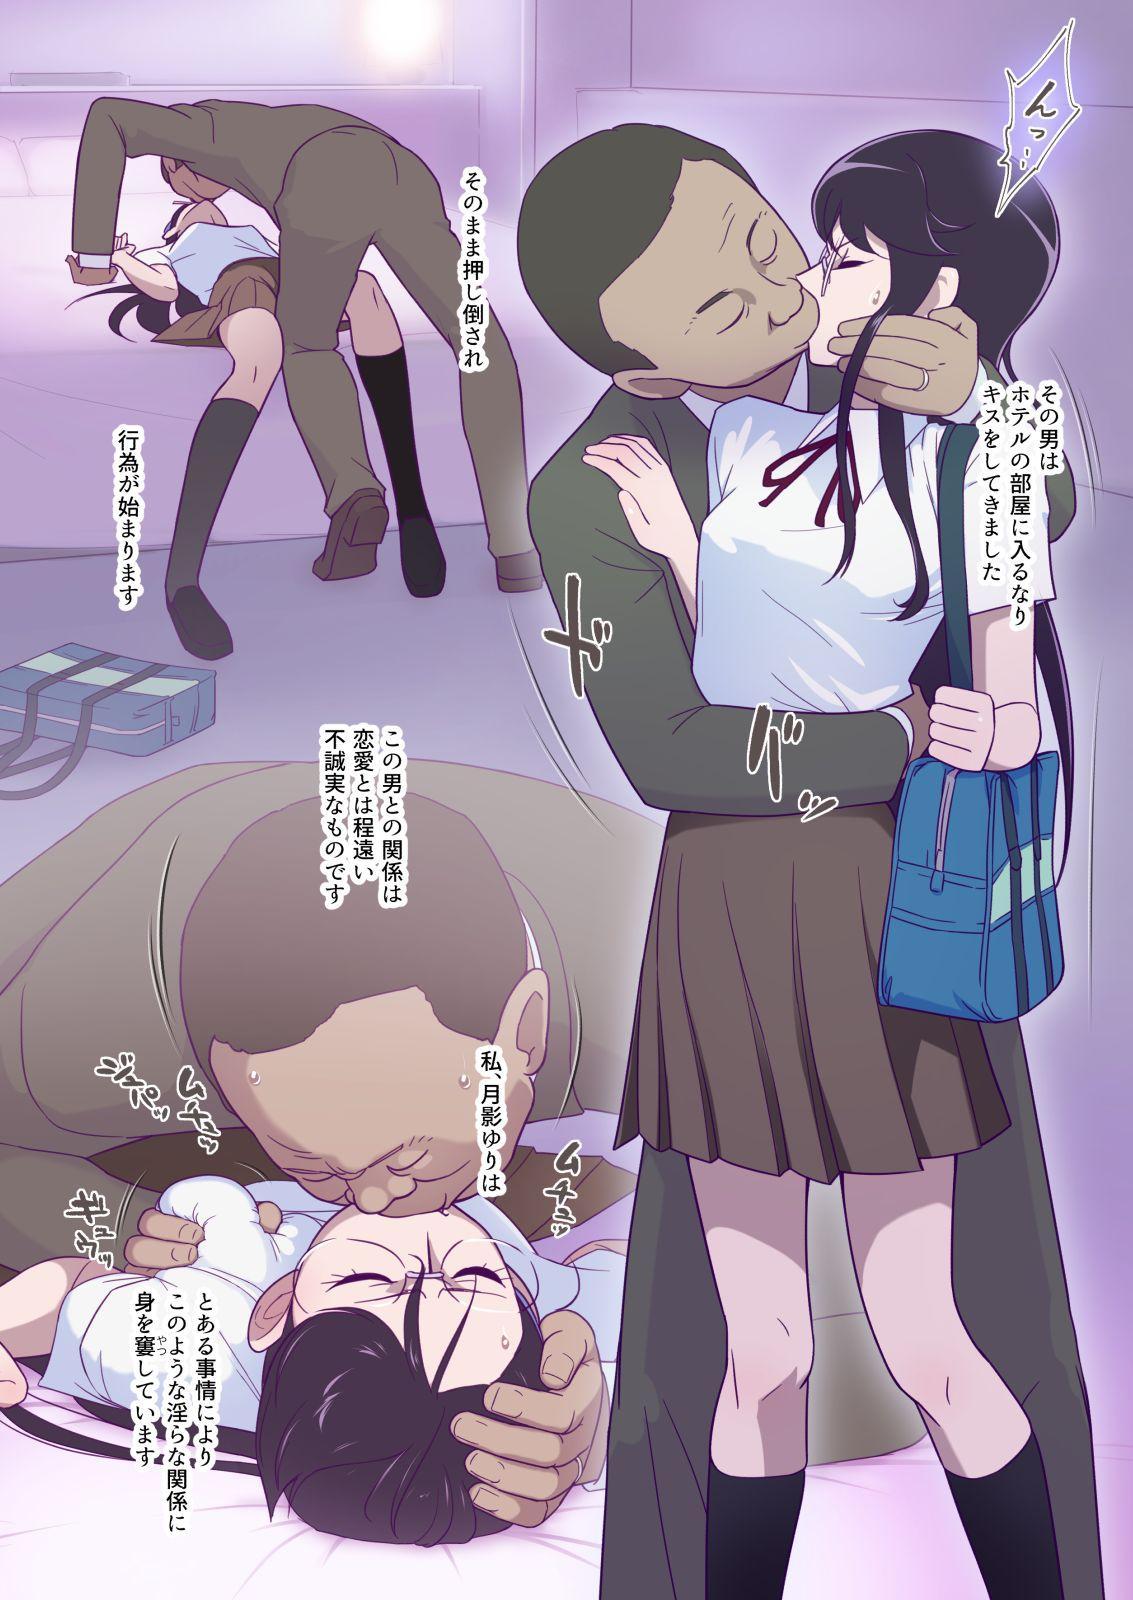 Zecchou ni Taeru Ichirin no Hana 2